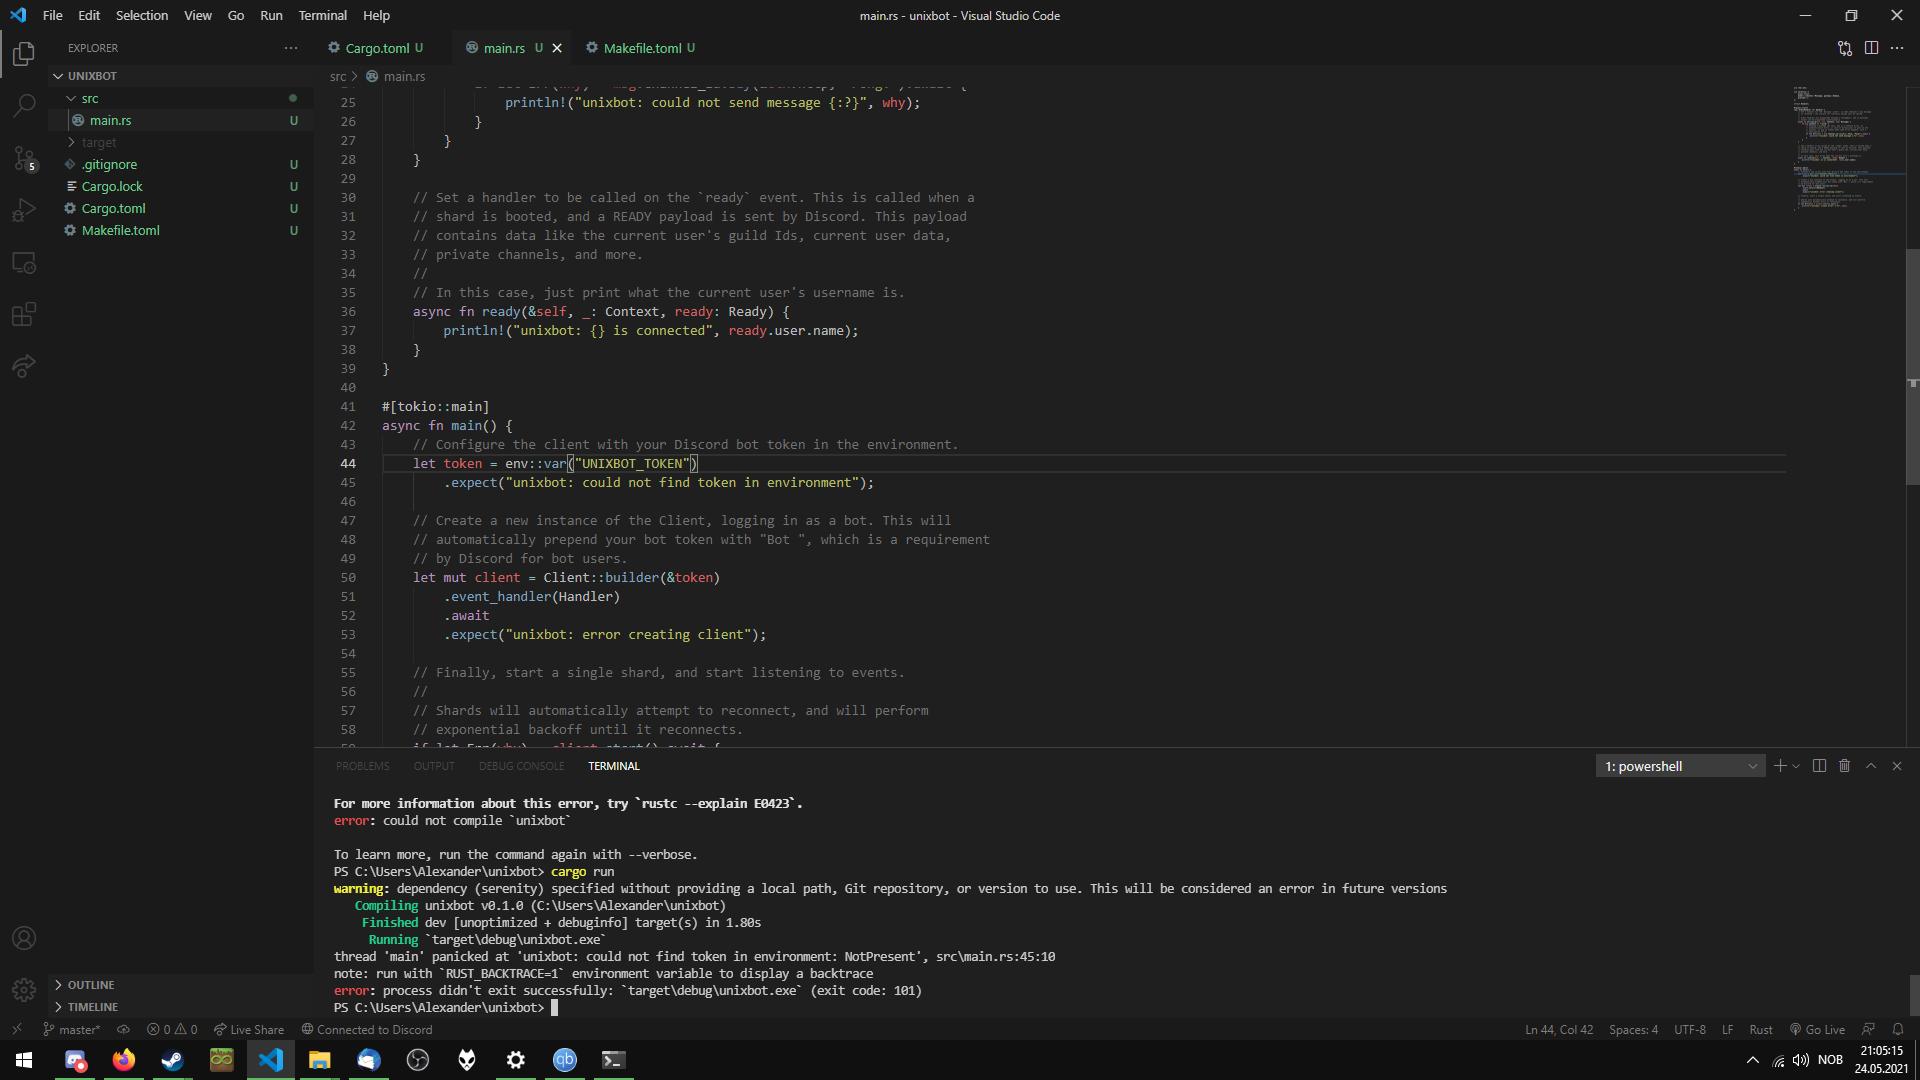 https://cloud-fabgzp0m8-hack-club-bot.vercel.app/0image.png